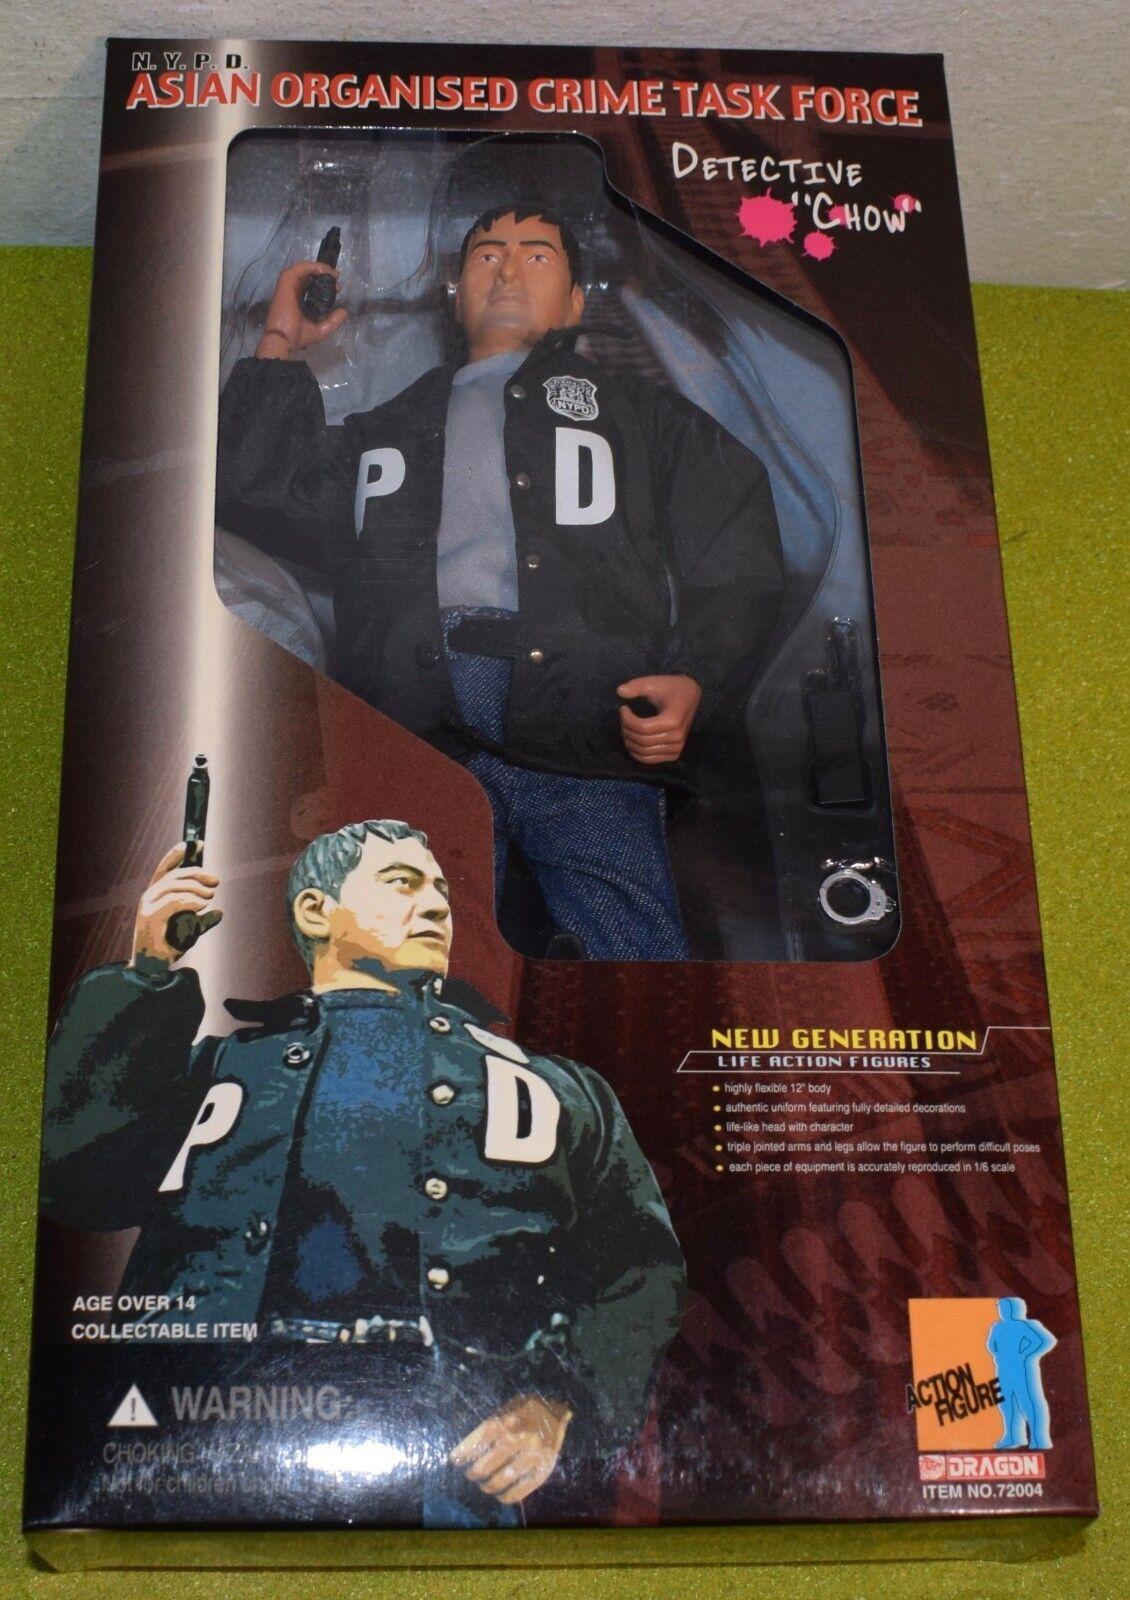 Dragon 16 SCALA MODERNA noi DETECTIVE Chow NYPD asiatico la criminalità organizzata TASK FORCE